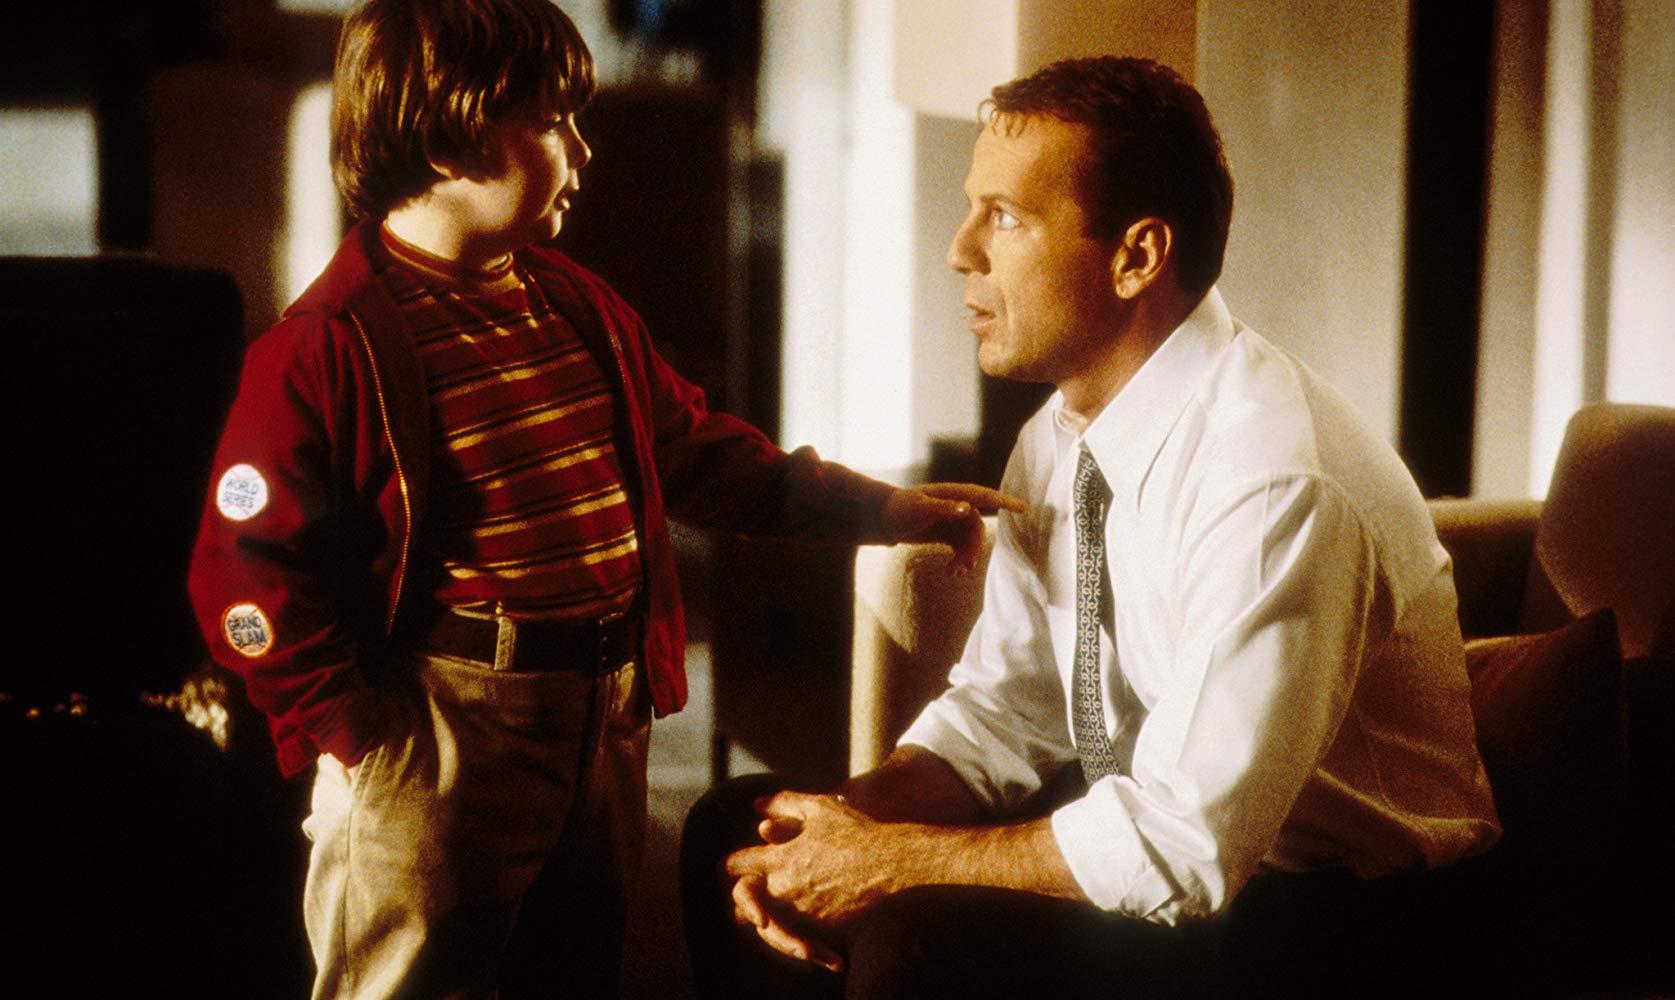 دانلود فیلم انگیزشی کودک درون The Kid 2000 |دوبله فارسی با کیفیت عالی